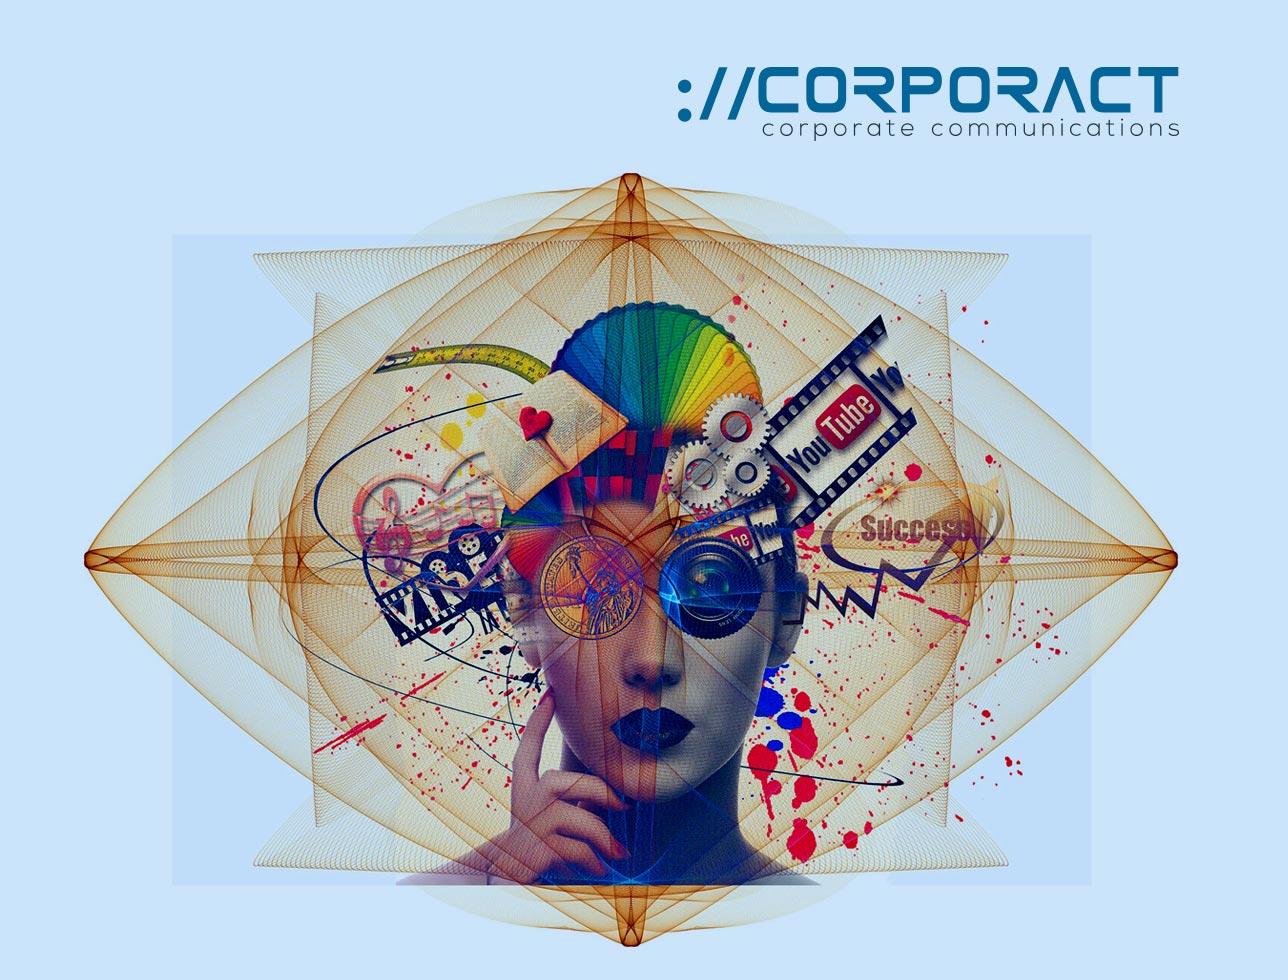 Corporact website design